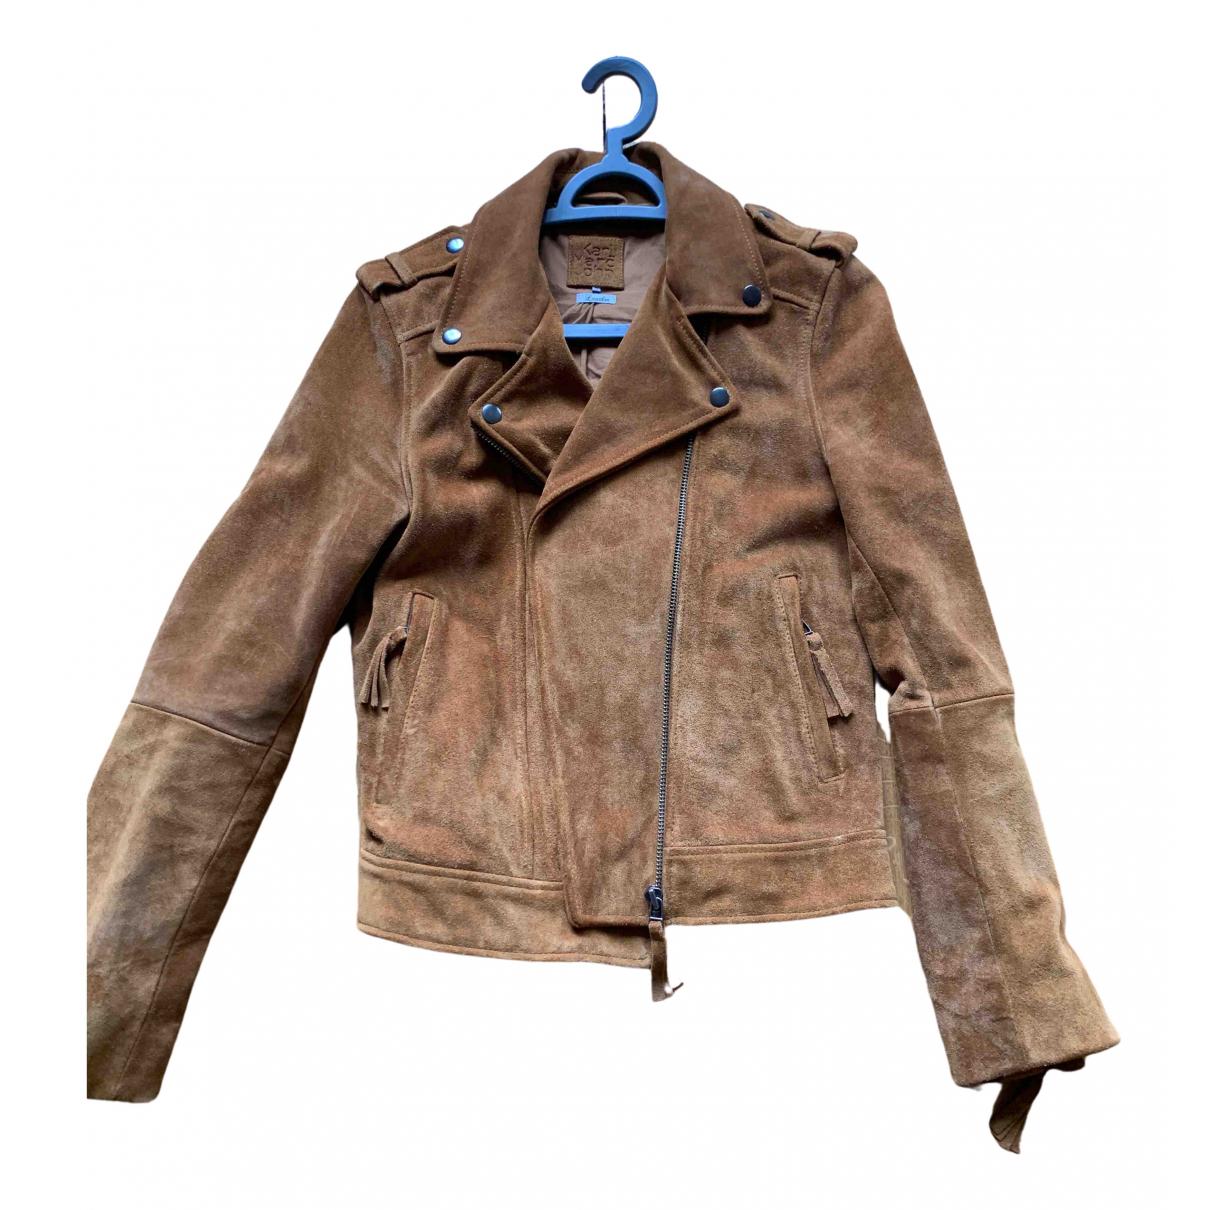 Karl Marc John N Camel Leather Leather jacket for Women 38 FR